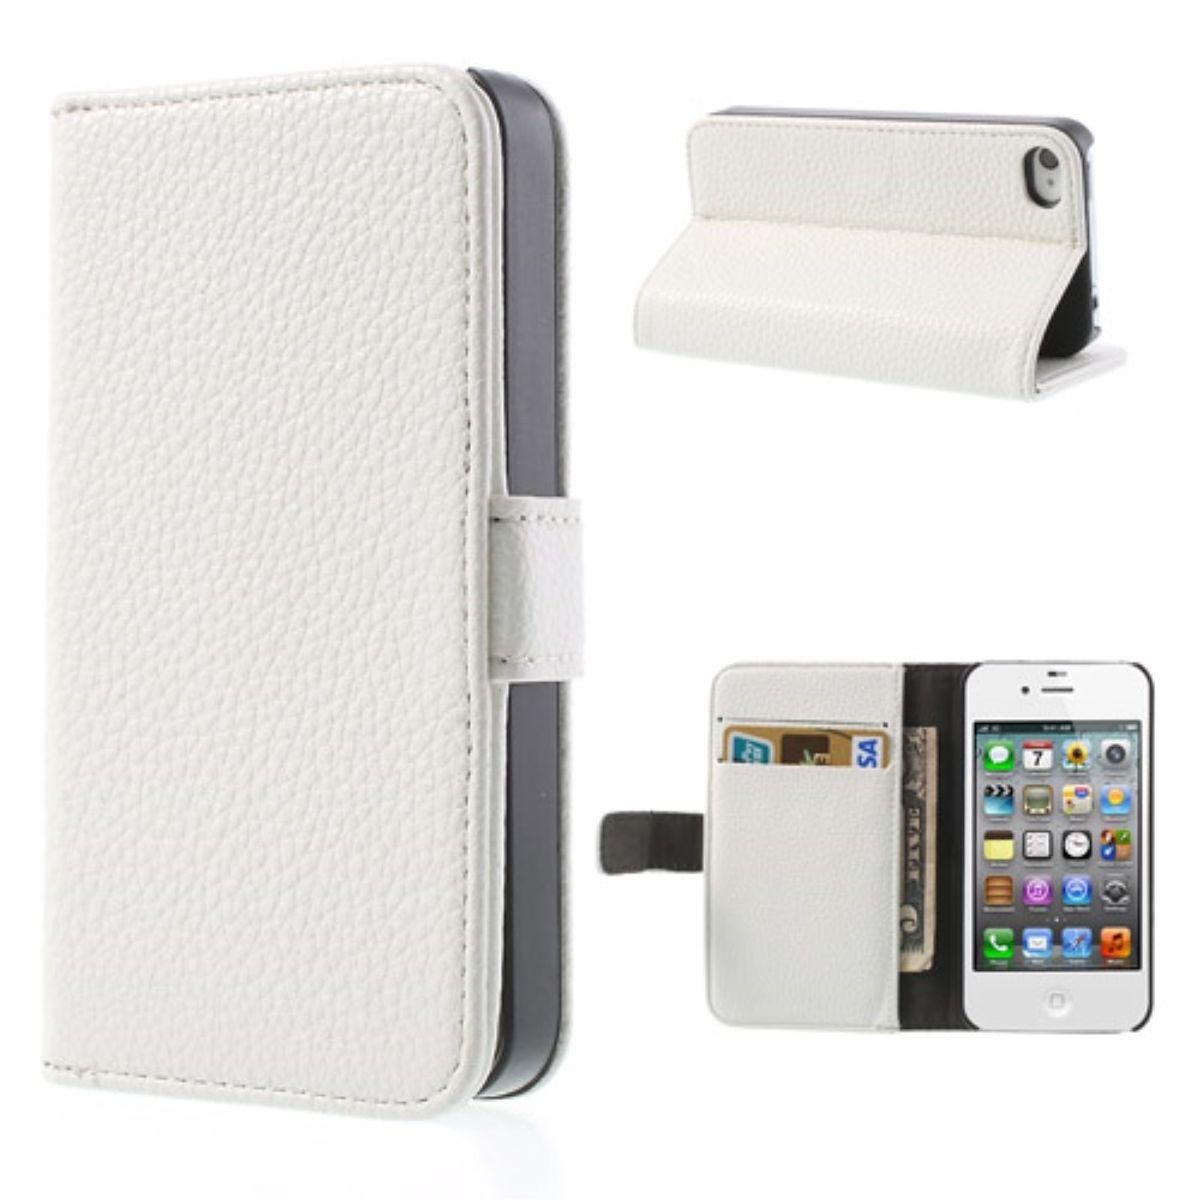 Schutzhülle Handytasche (Flip Quer) für Handy Apple iPhone 4 / 4s weiß